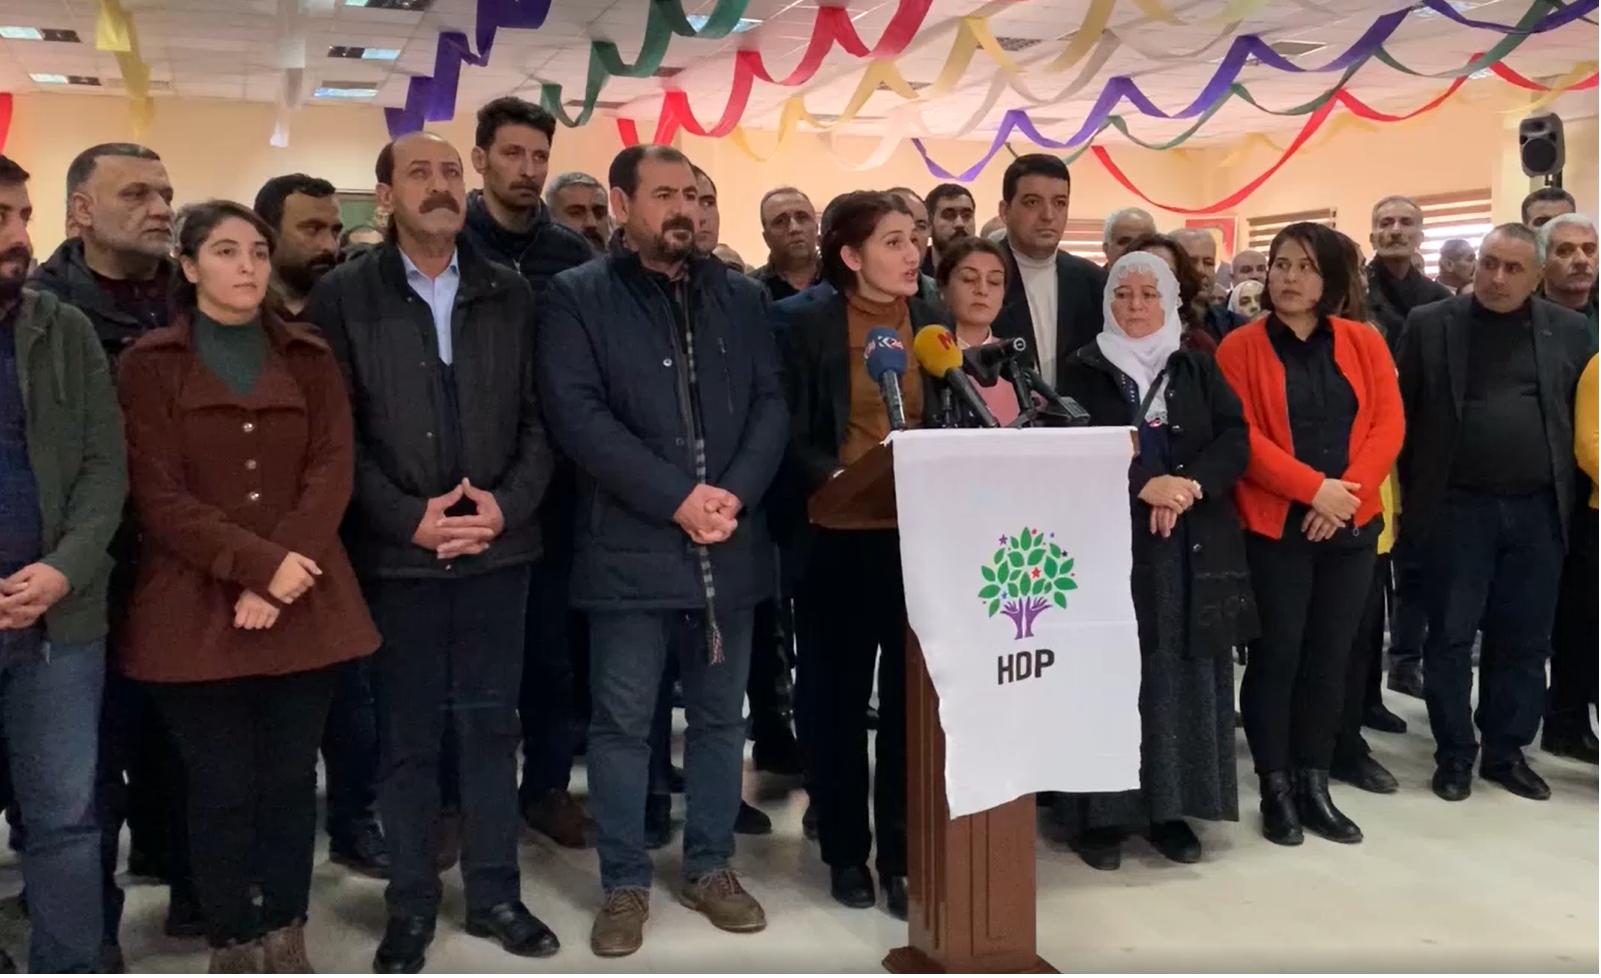 Photo of HDP: Heta ku tecrîd hebe wê şer û alozî hebe